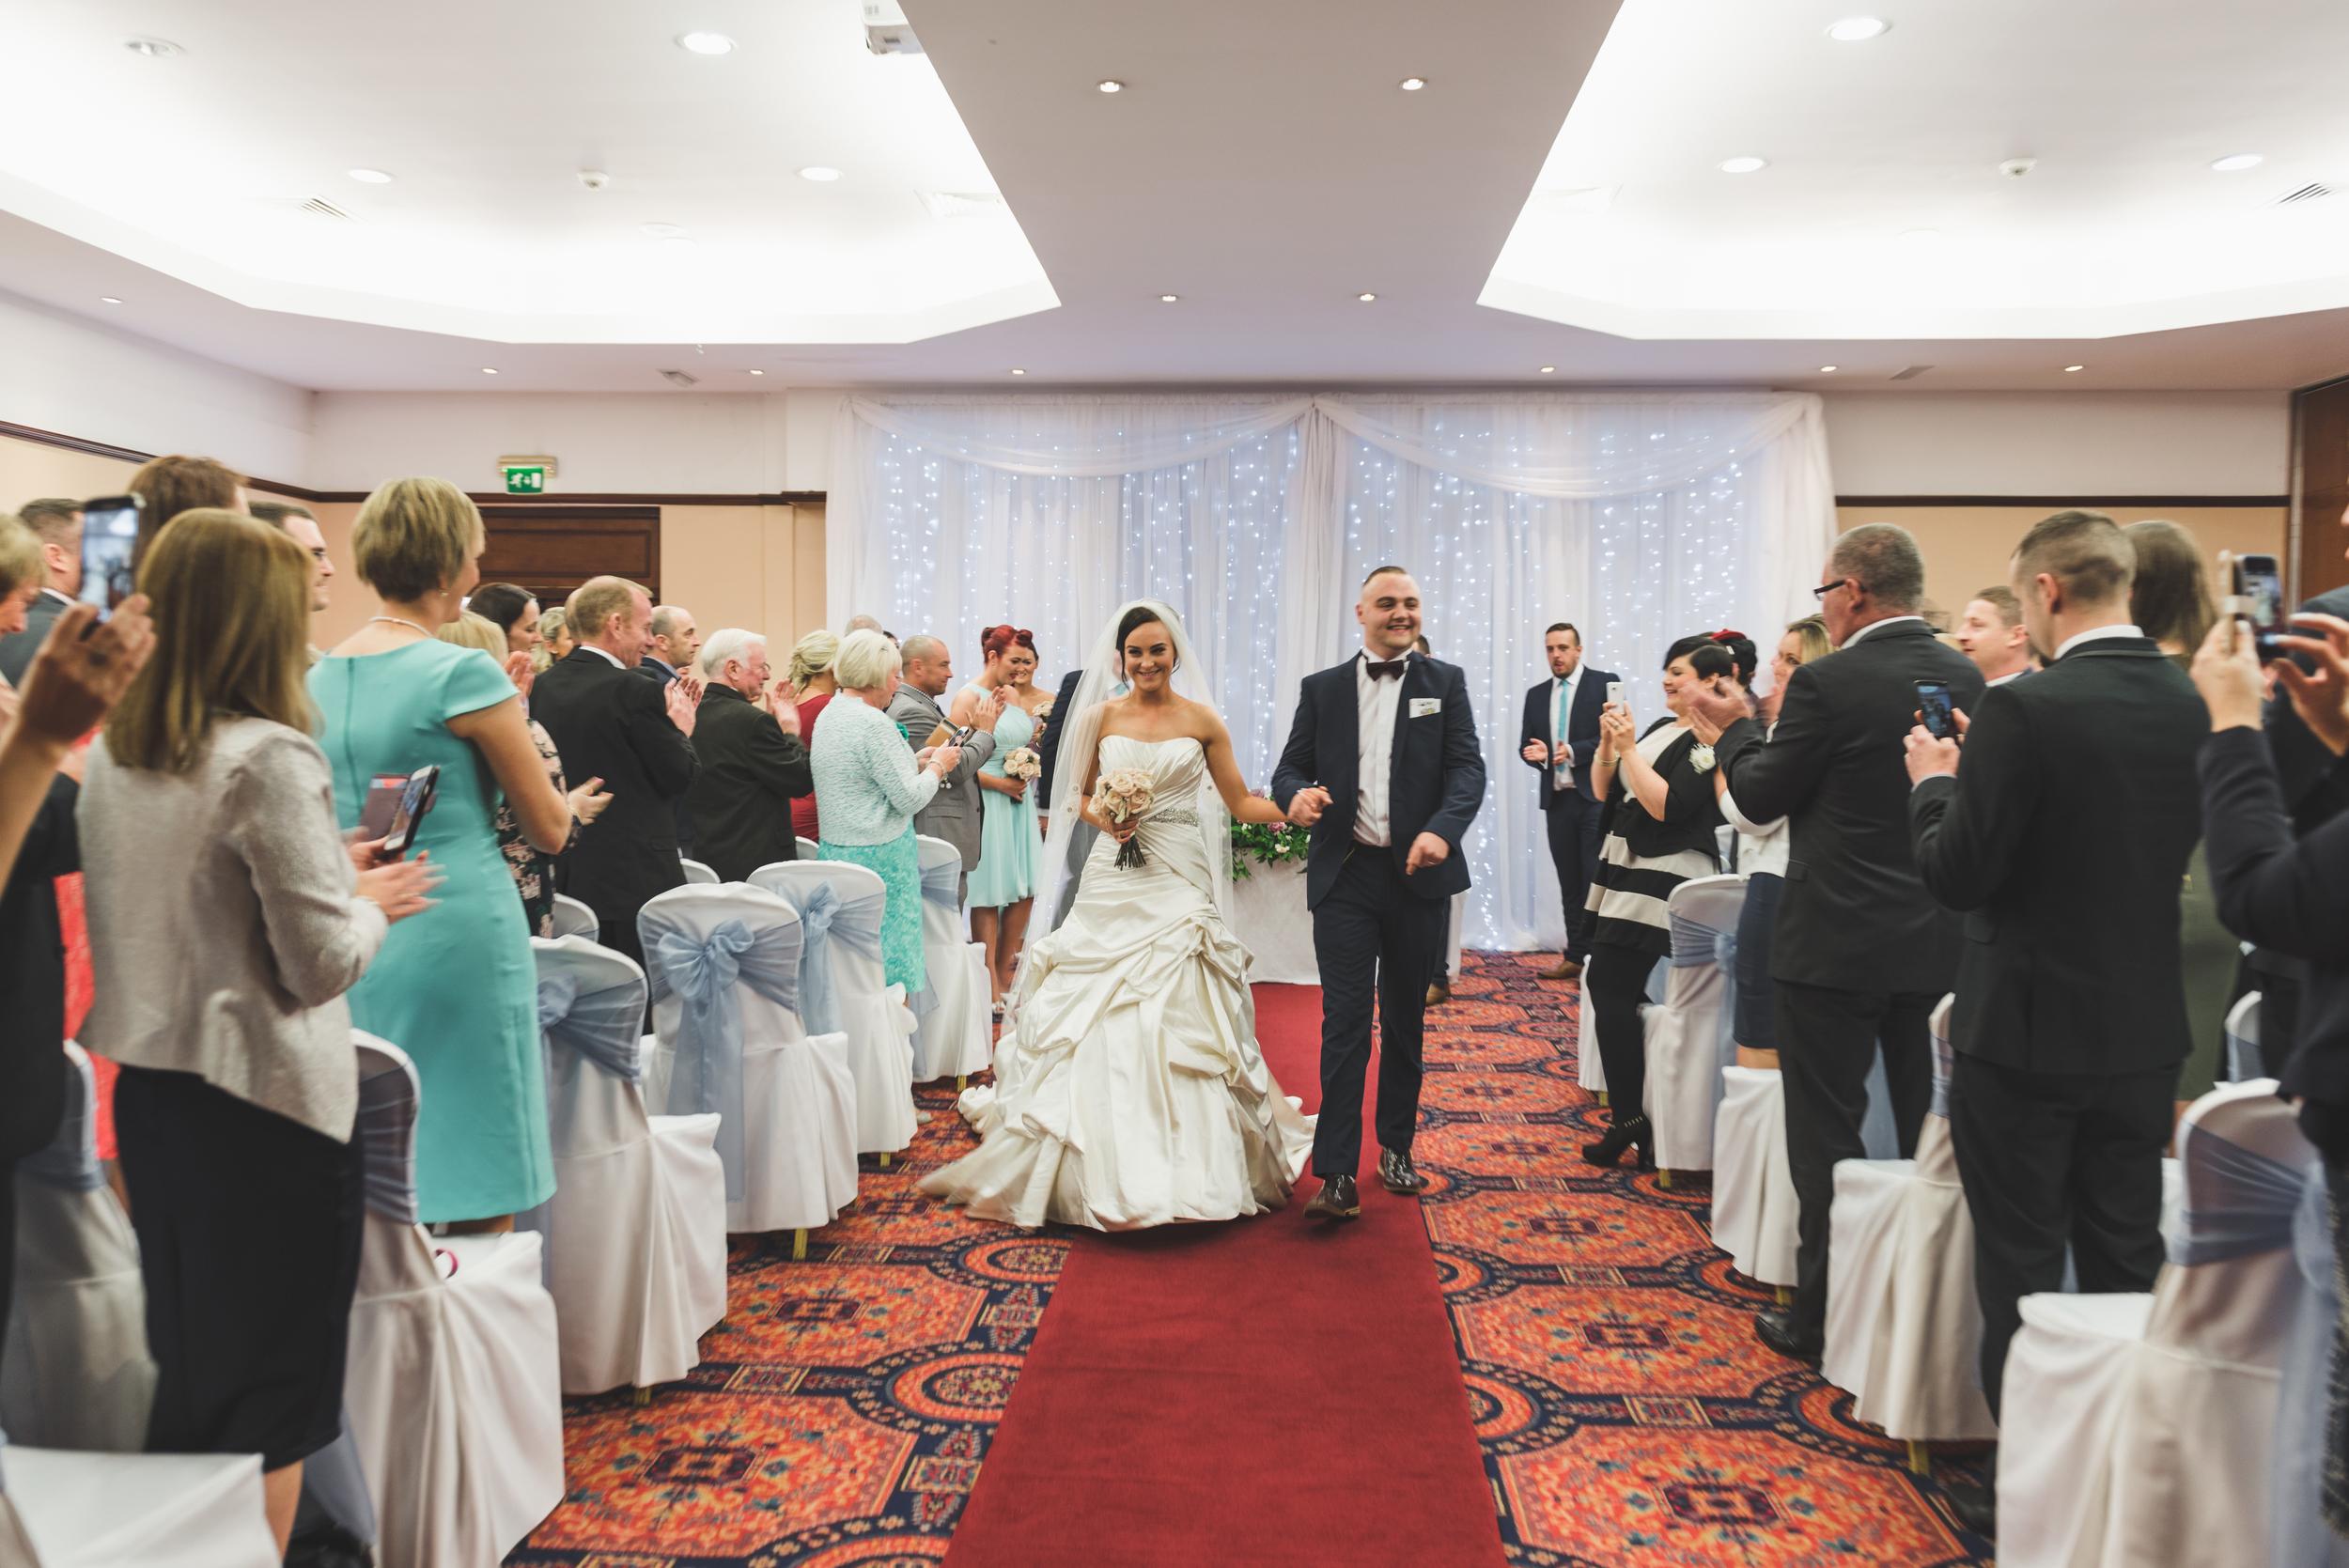 Northern_Ireland_Wedding_Photographer_Purephotoni_Dunsilly_Hotel_Aisle